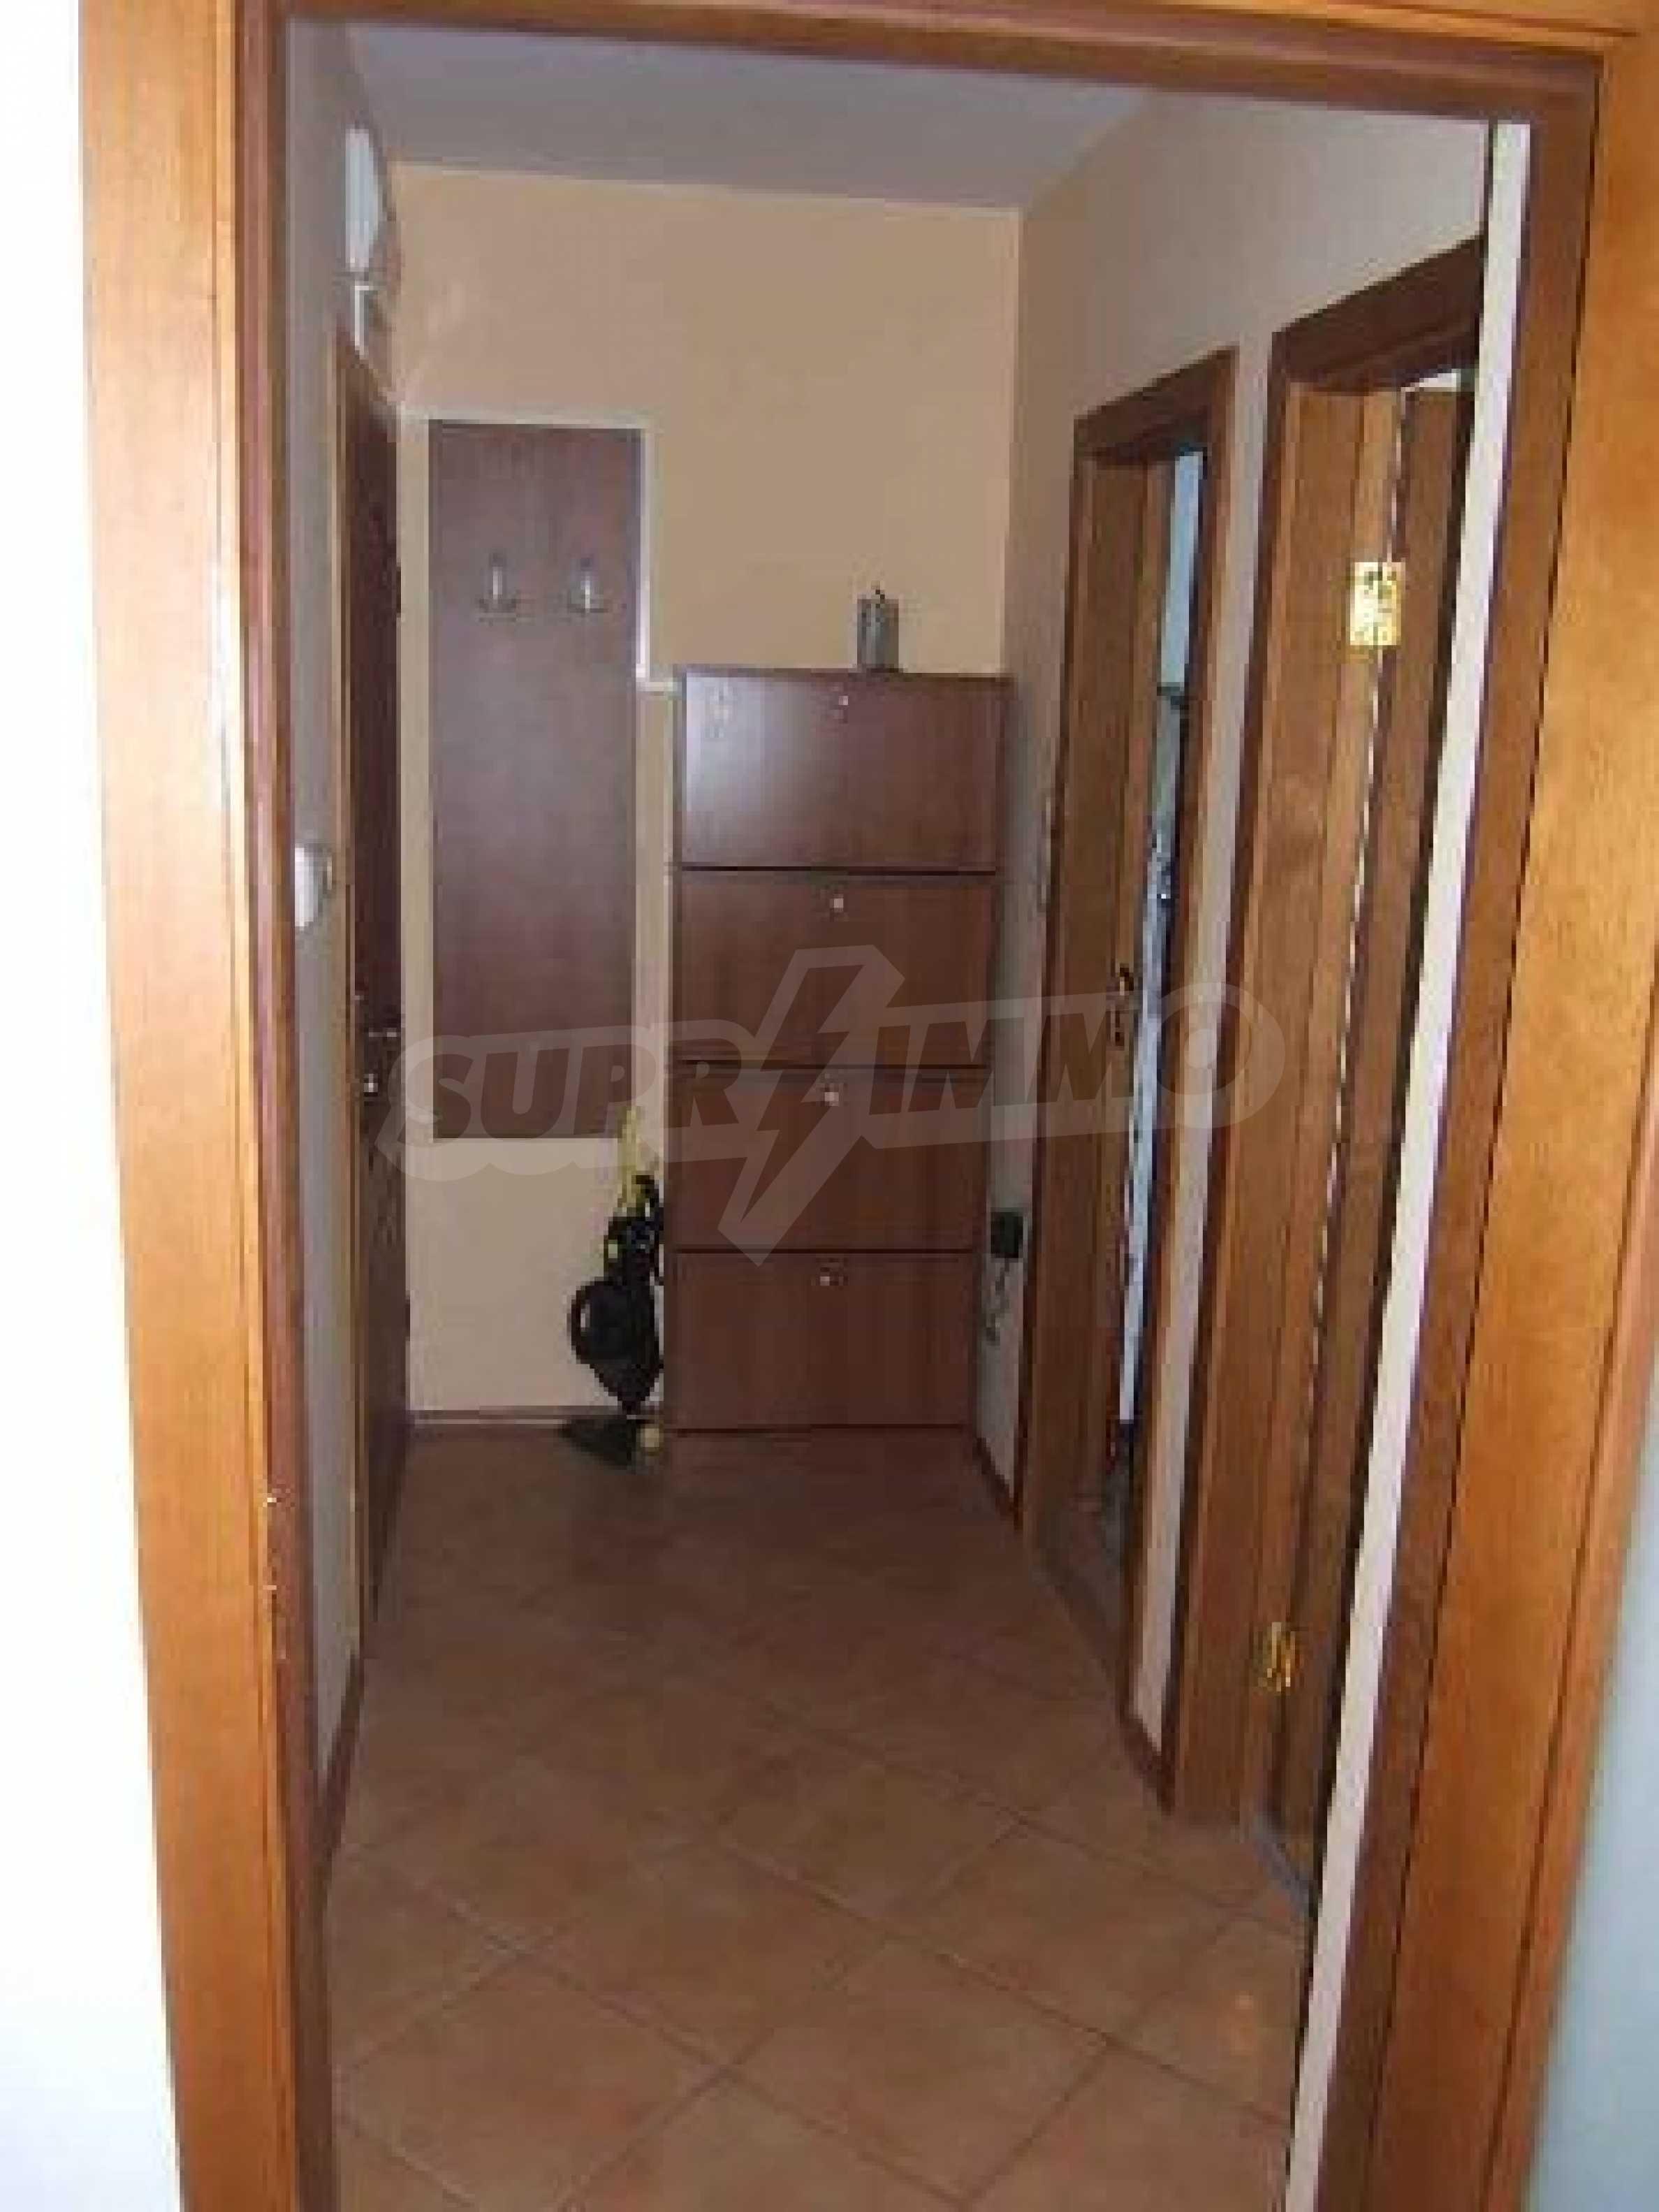 Луксозно обзаведен двустаен апартамент в идеален център 6